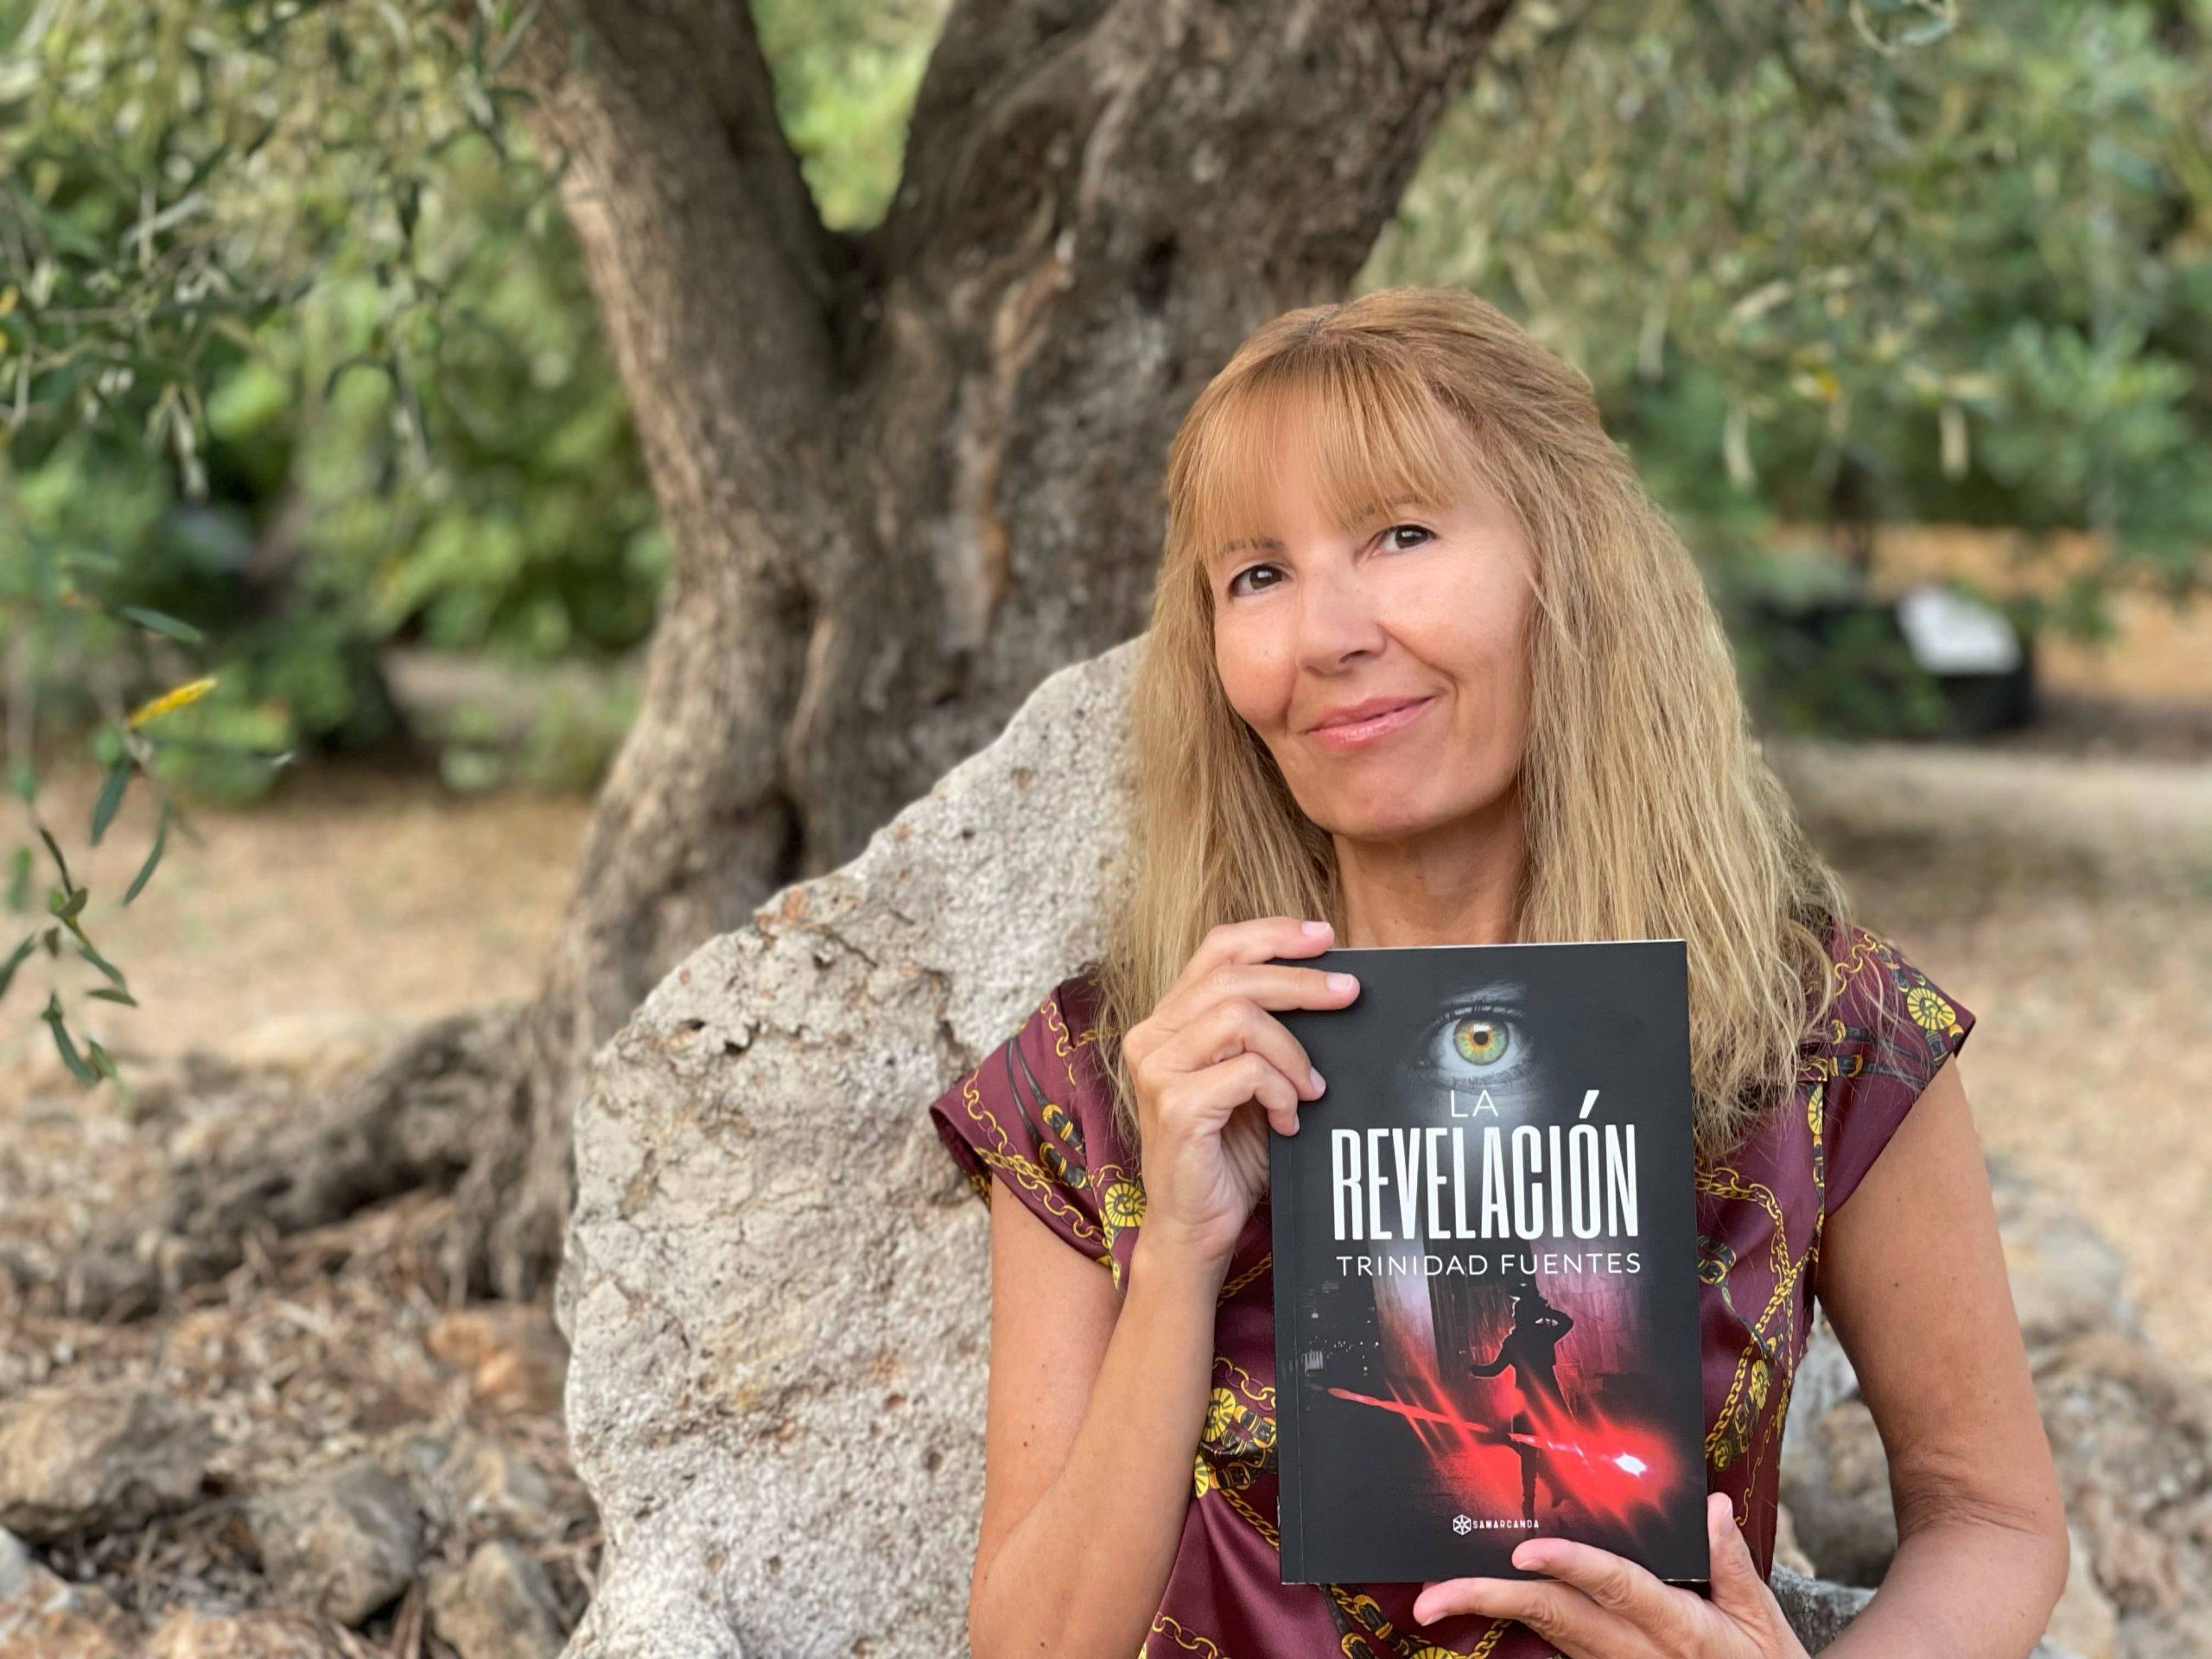 """Conoce a Trinidad Fuentes, autora de """"La revelación"""" y que estará firmando sus obras en la Feria del libro de Madrid"""